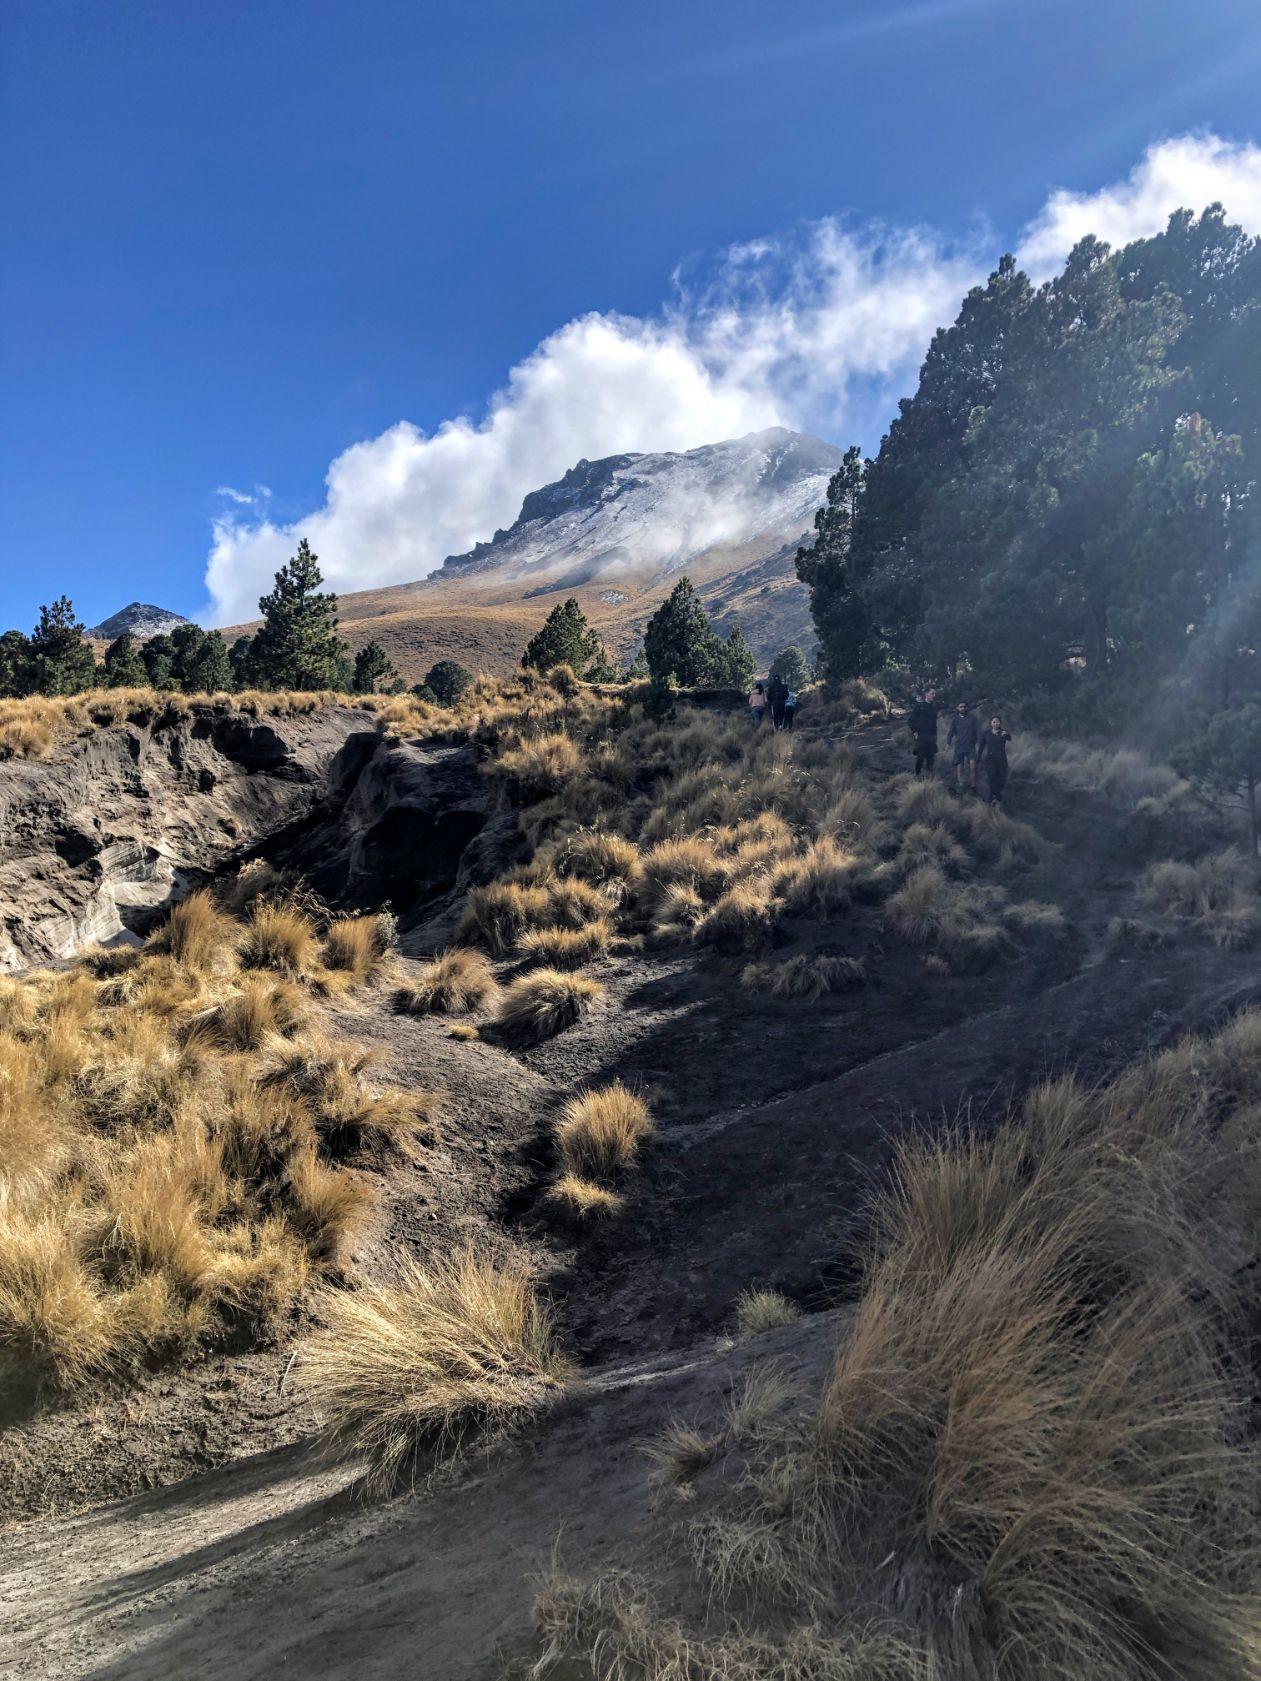 Malinche Volcano in Malinche National Park